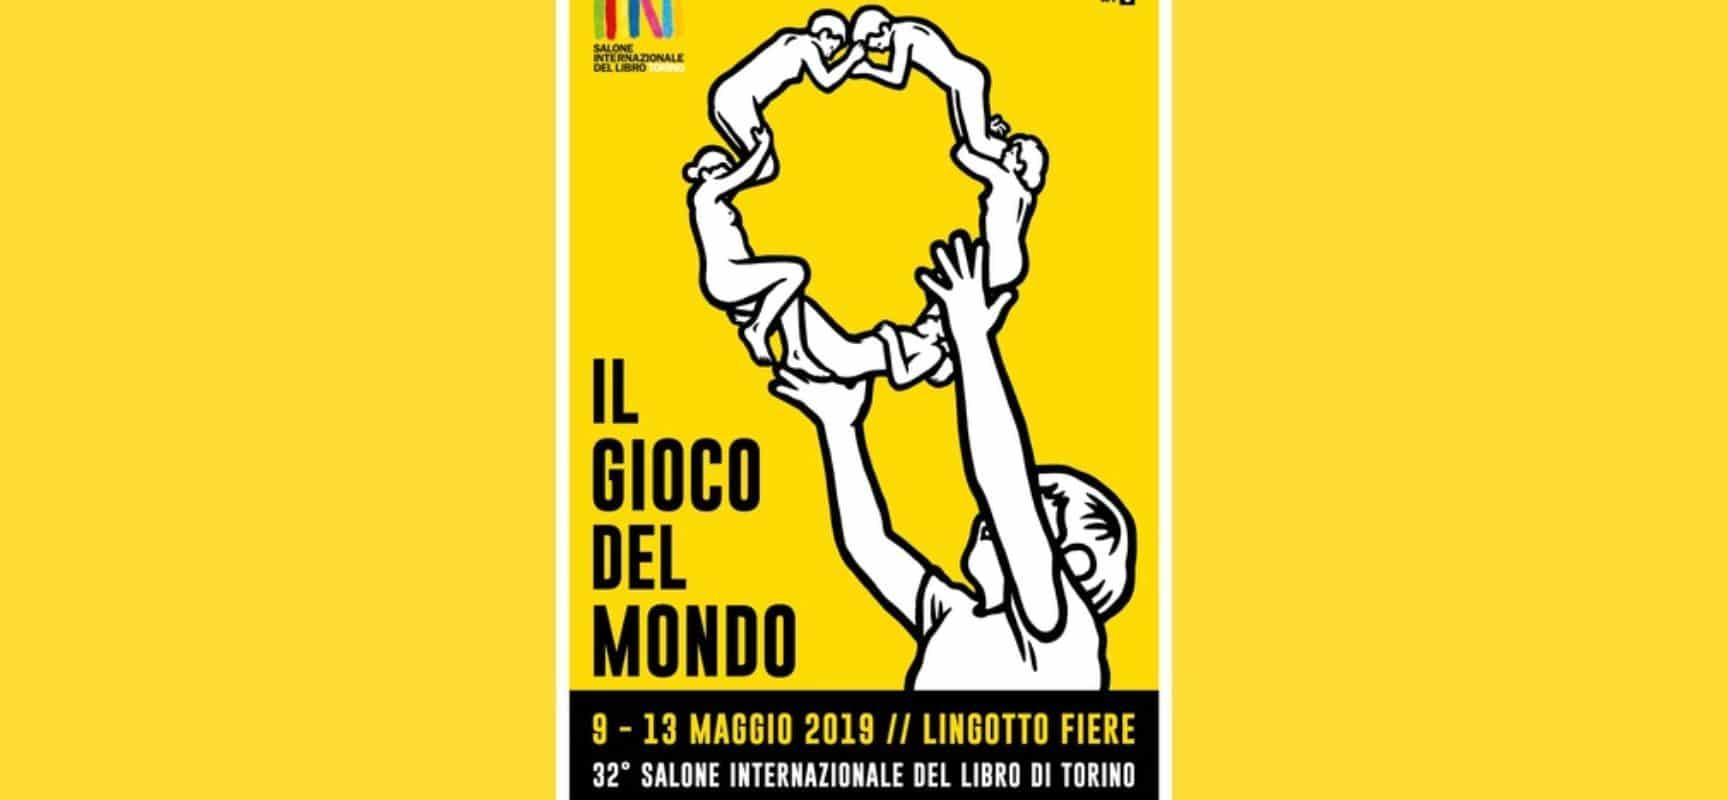 Il manifesto per il Salone del Libro di Torino 2019, realizzato dall'artista MP5